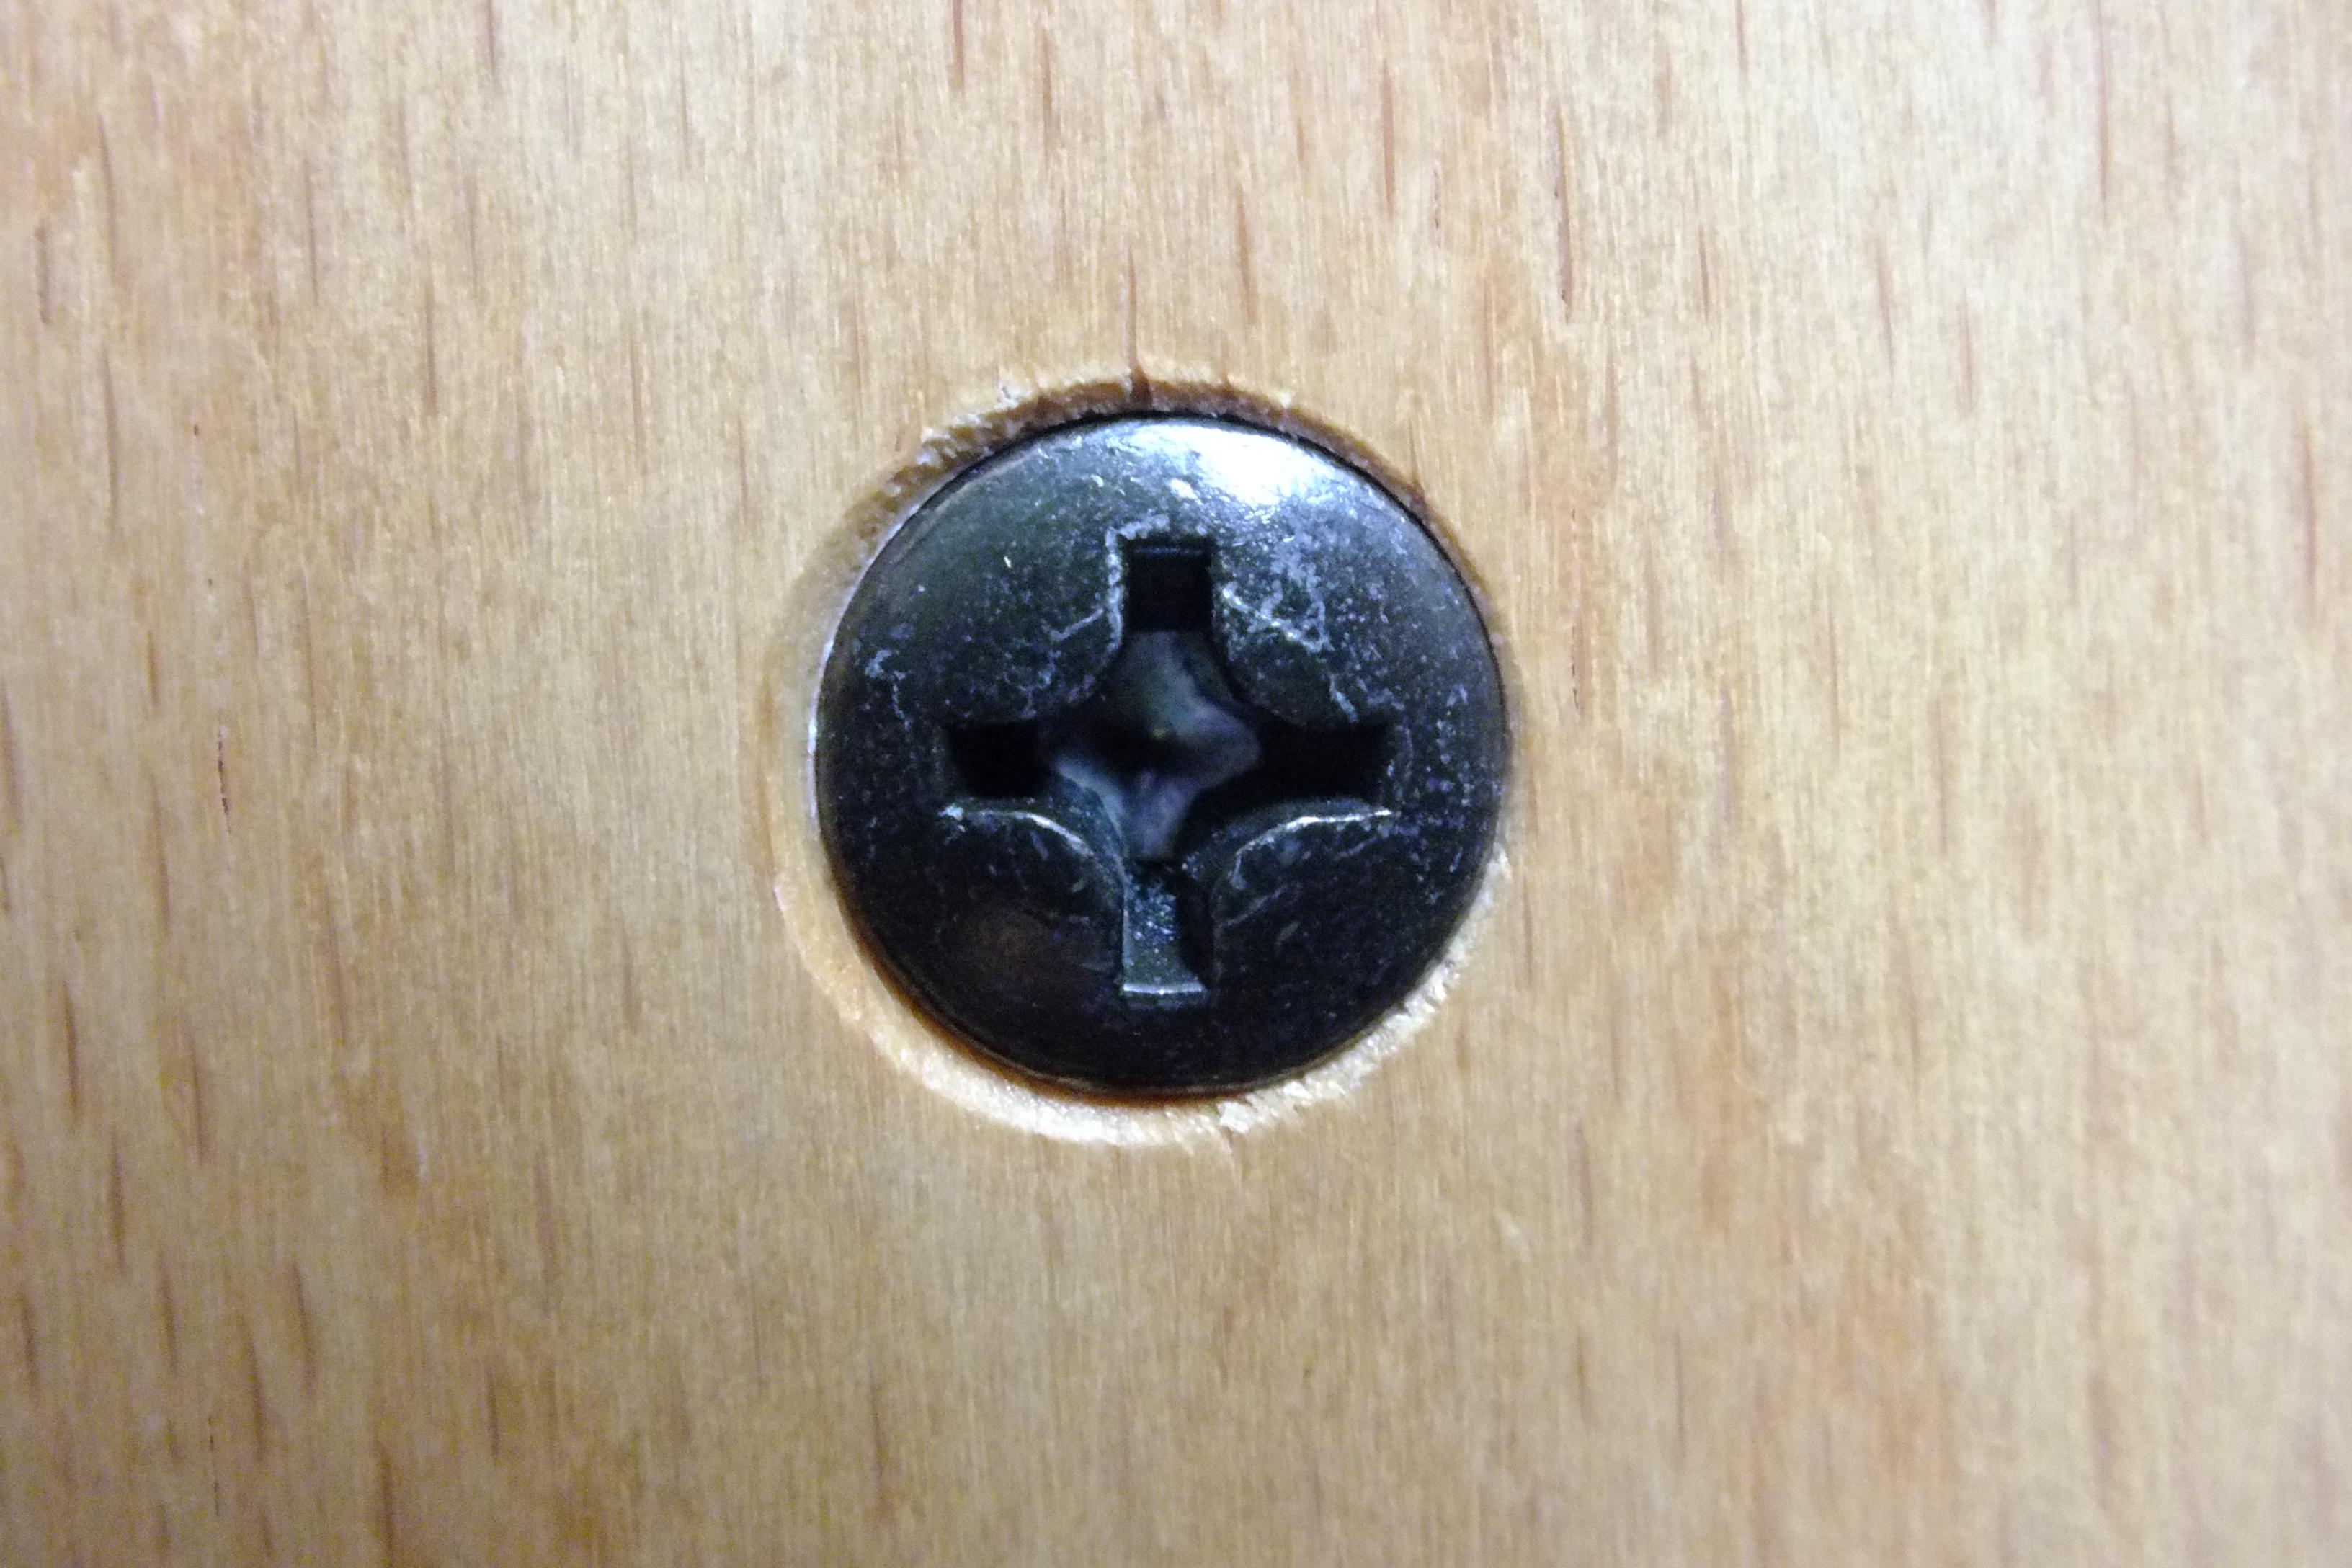 Screw, Head, Metallic, Star, Wood, HQ Photo